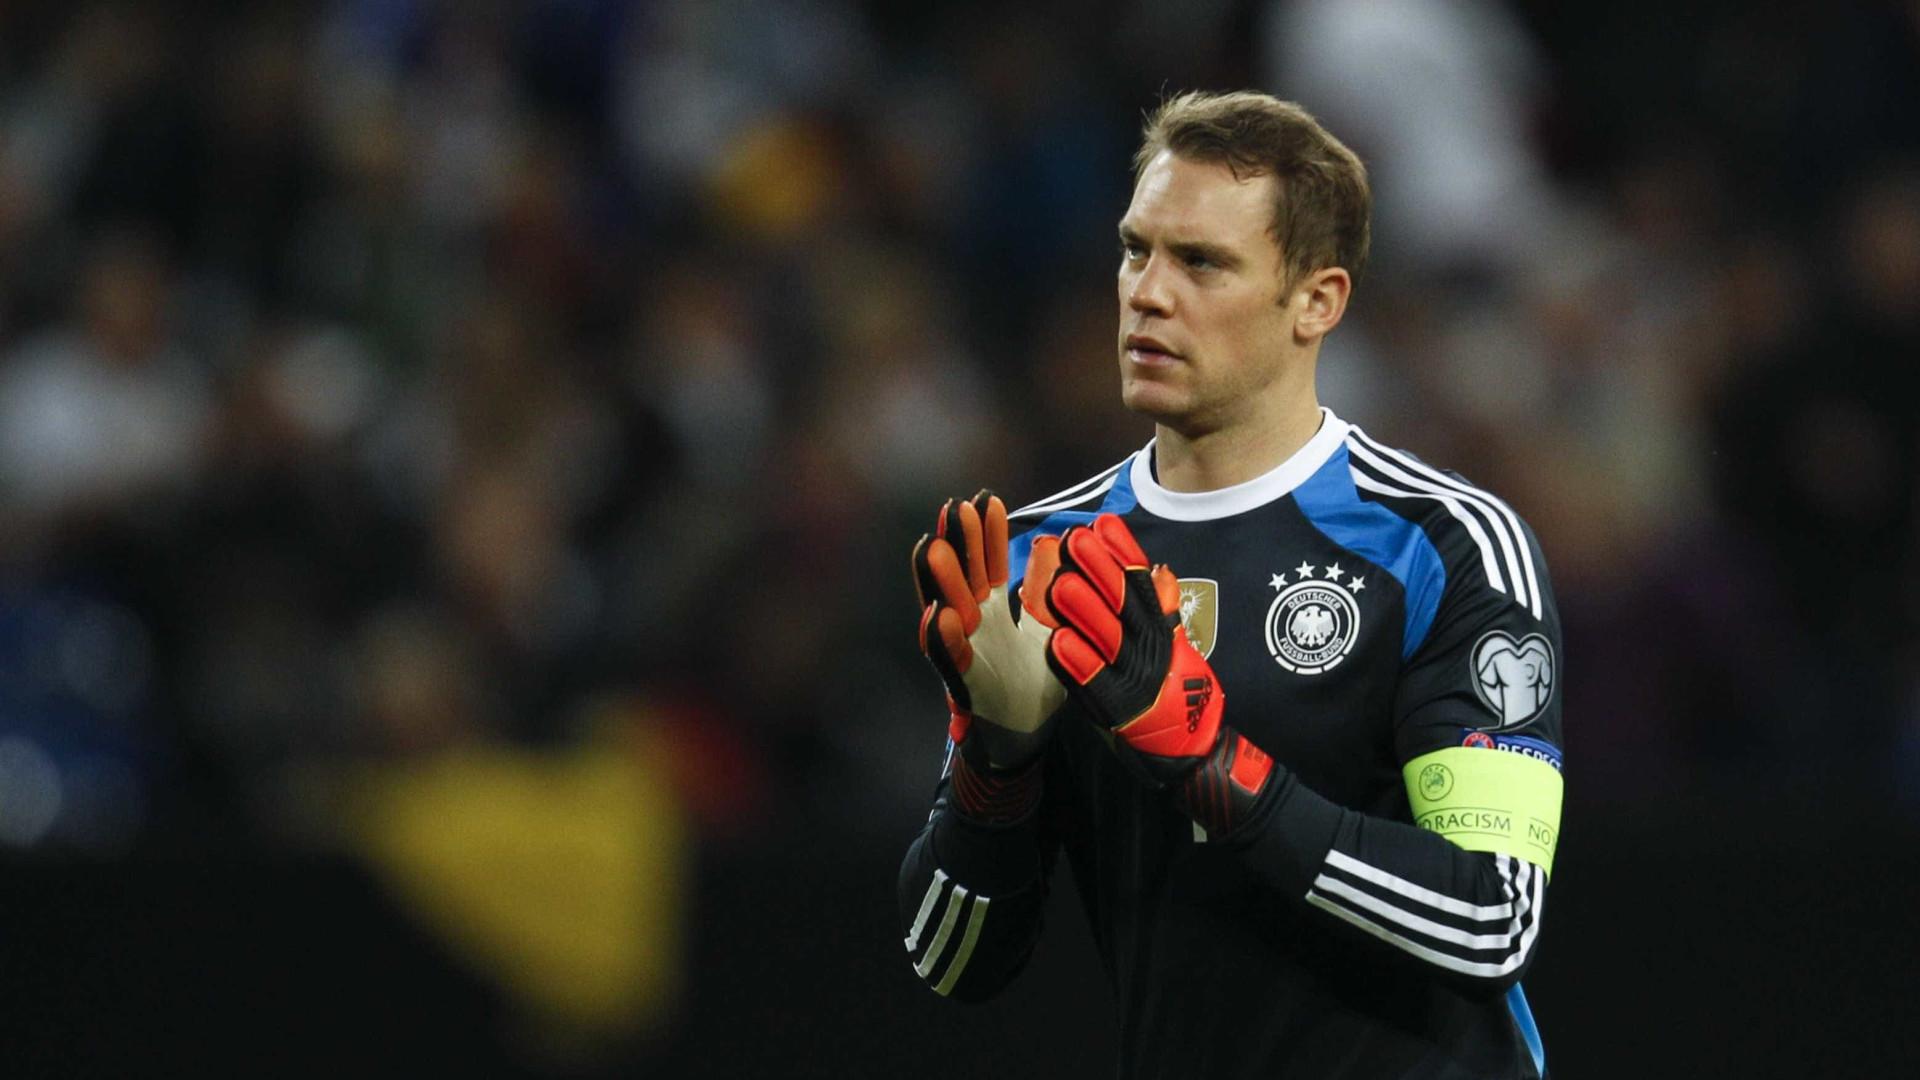 """Neuer e a polémica com Ter Stegen: """"Temos falado normalmente"""""""